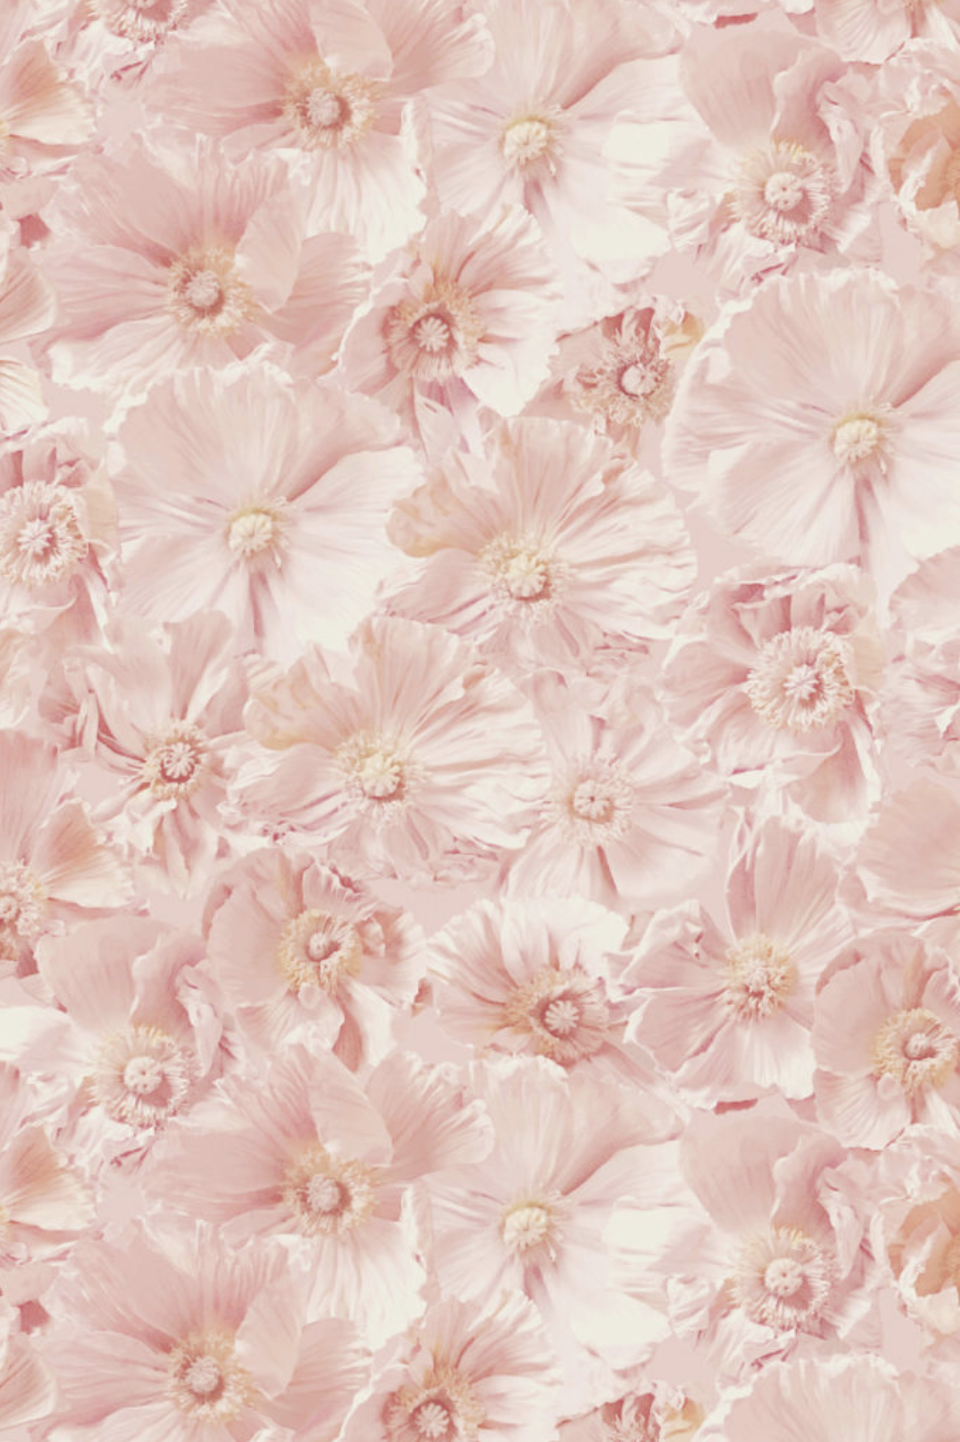 Pink Poppies detail